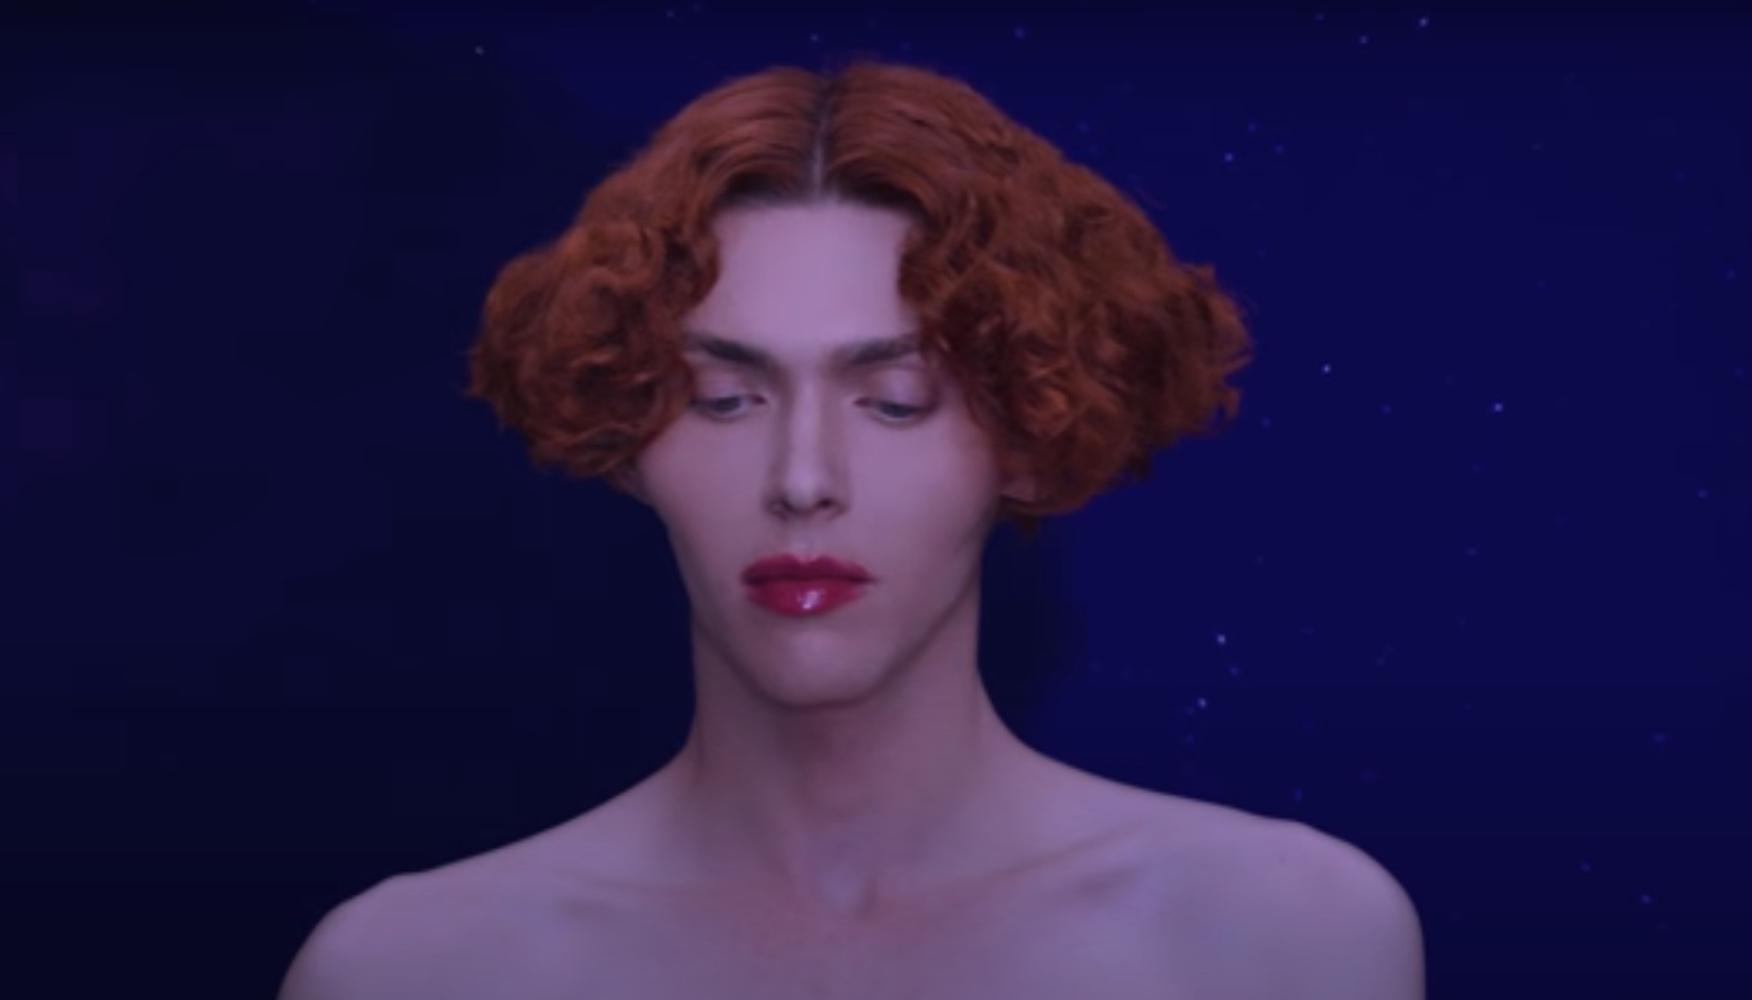 Νεκρή η τρανς μουσικός SOPHIE – Σκοτώθηκε θαυμάζοντας την πανσέληνο στην Αθήνα